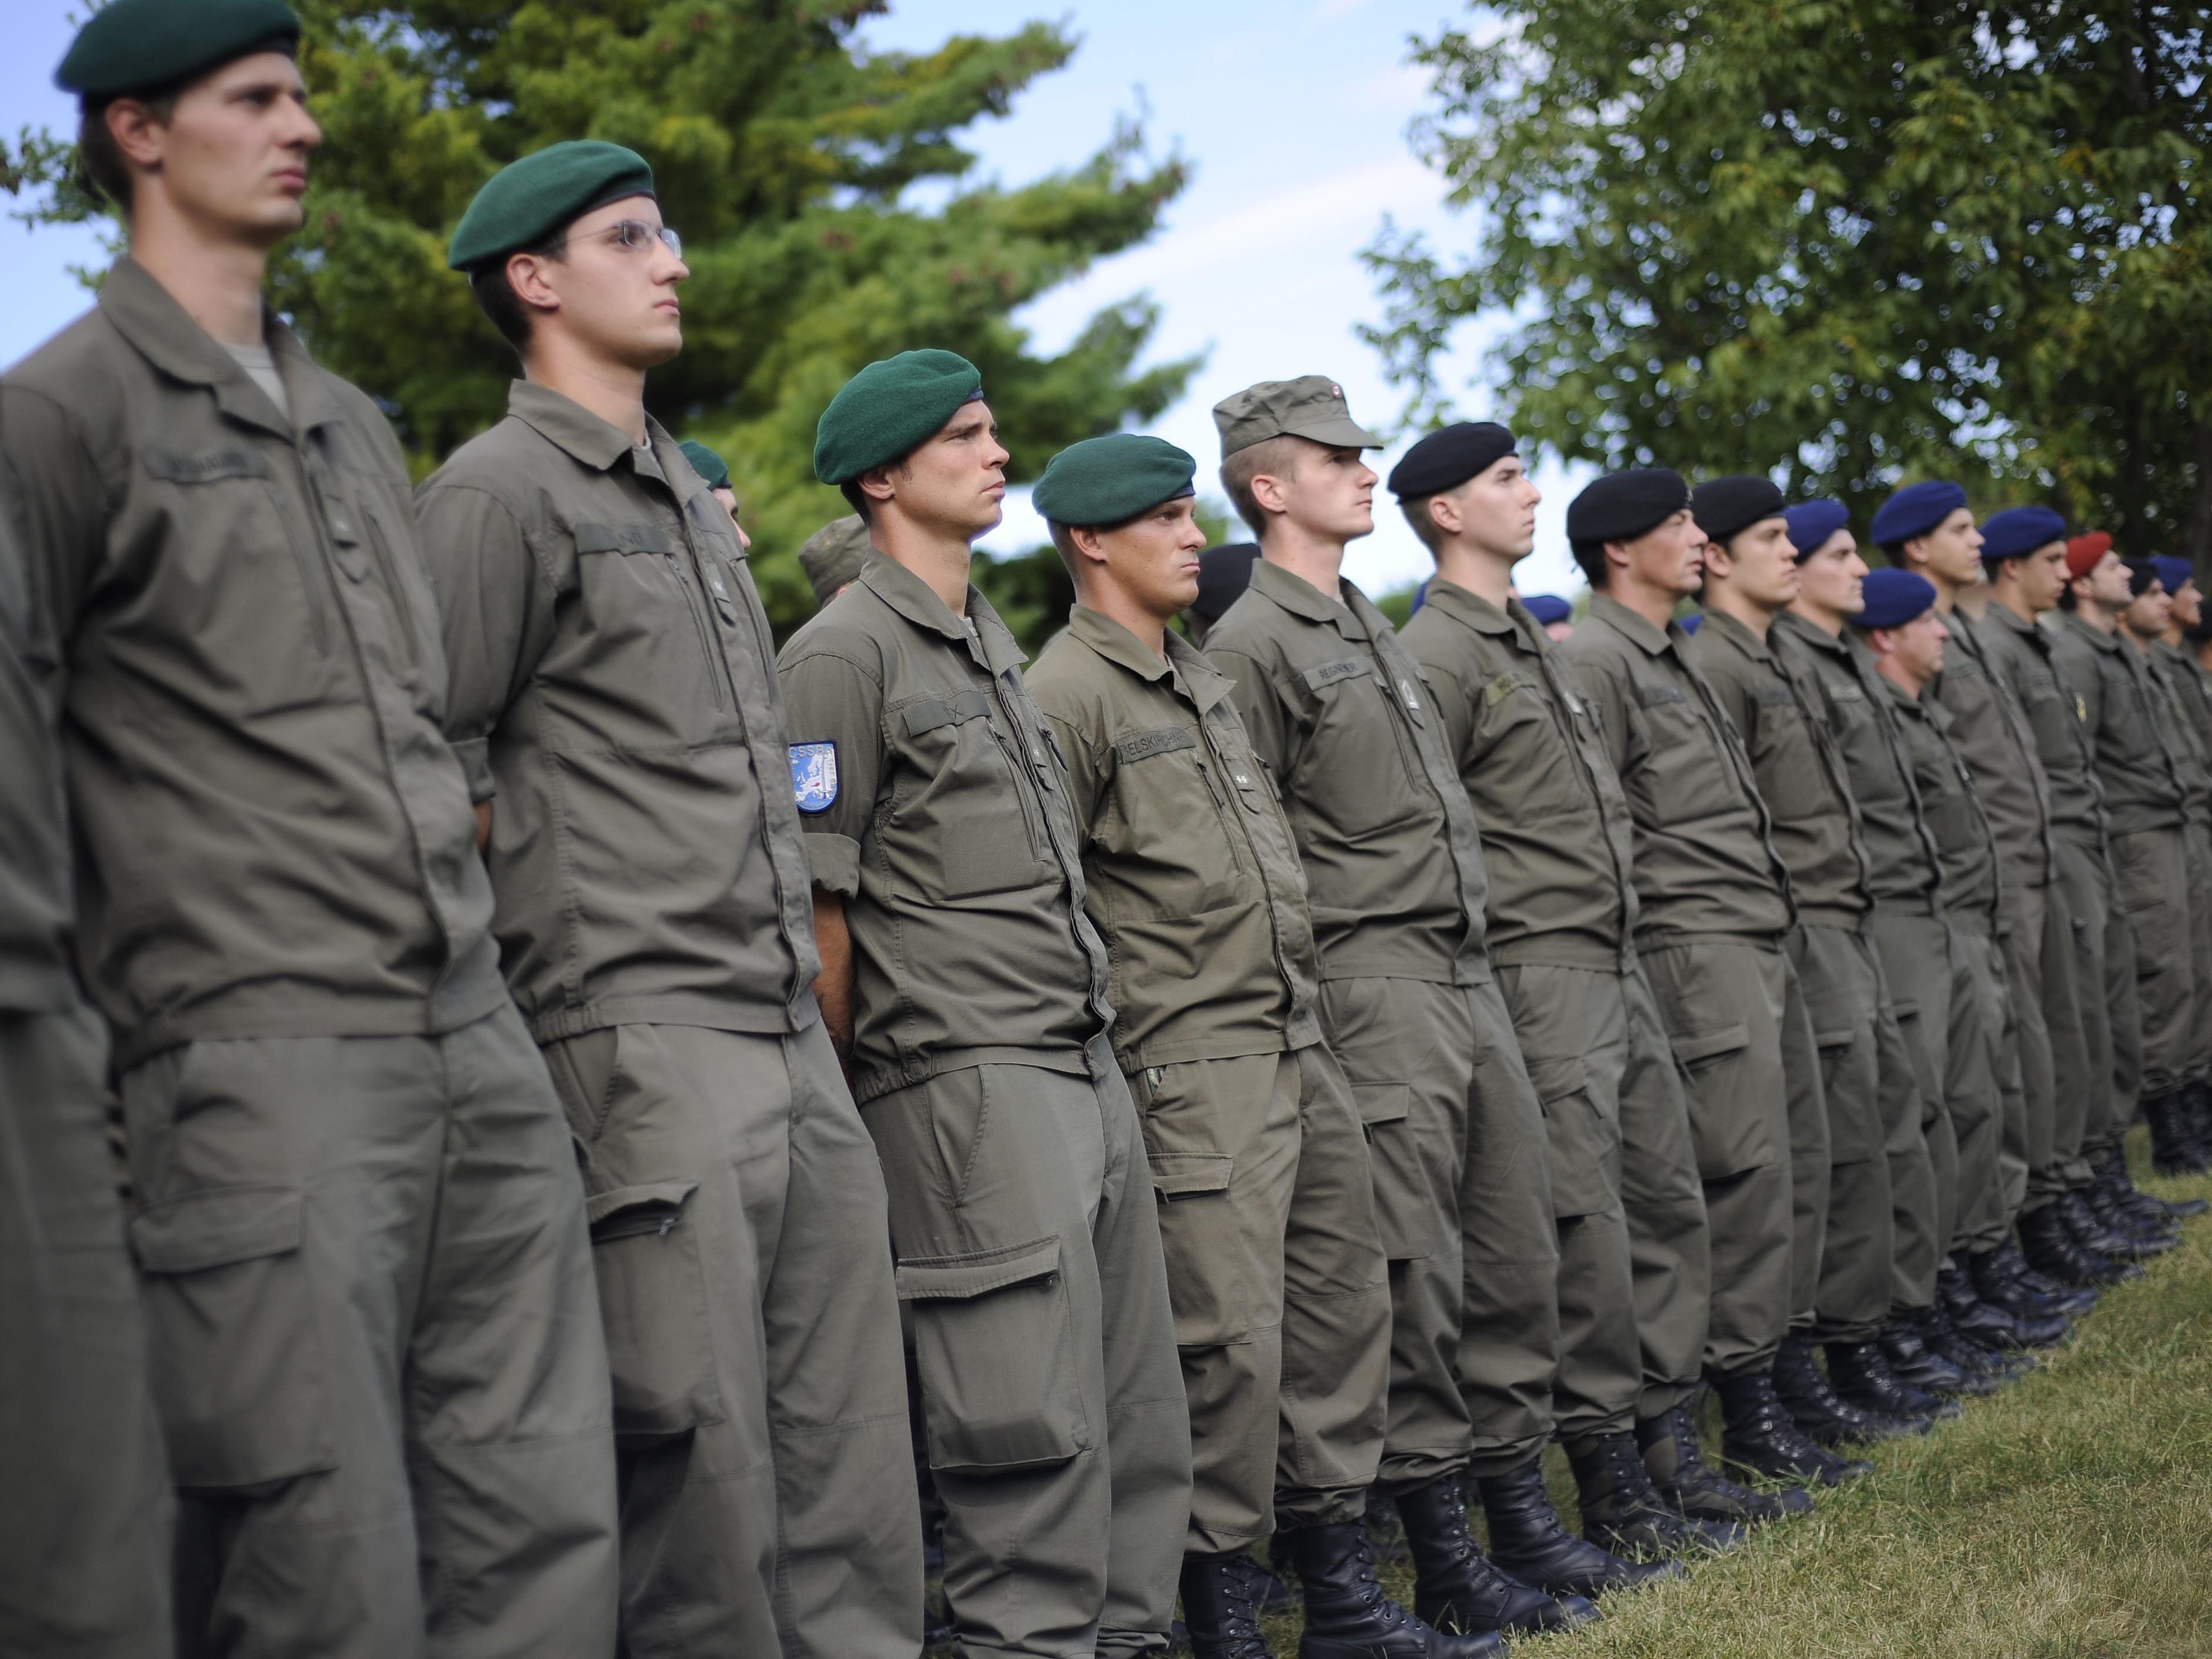 Österreich beteiligt sich mit 500 Soldaten an der EU-Battlegroup